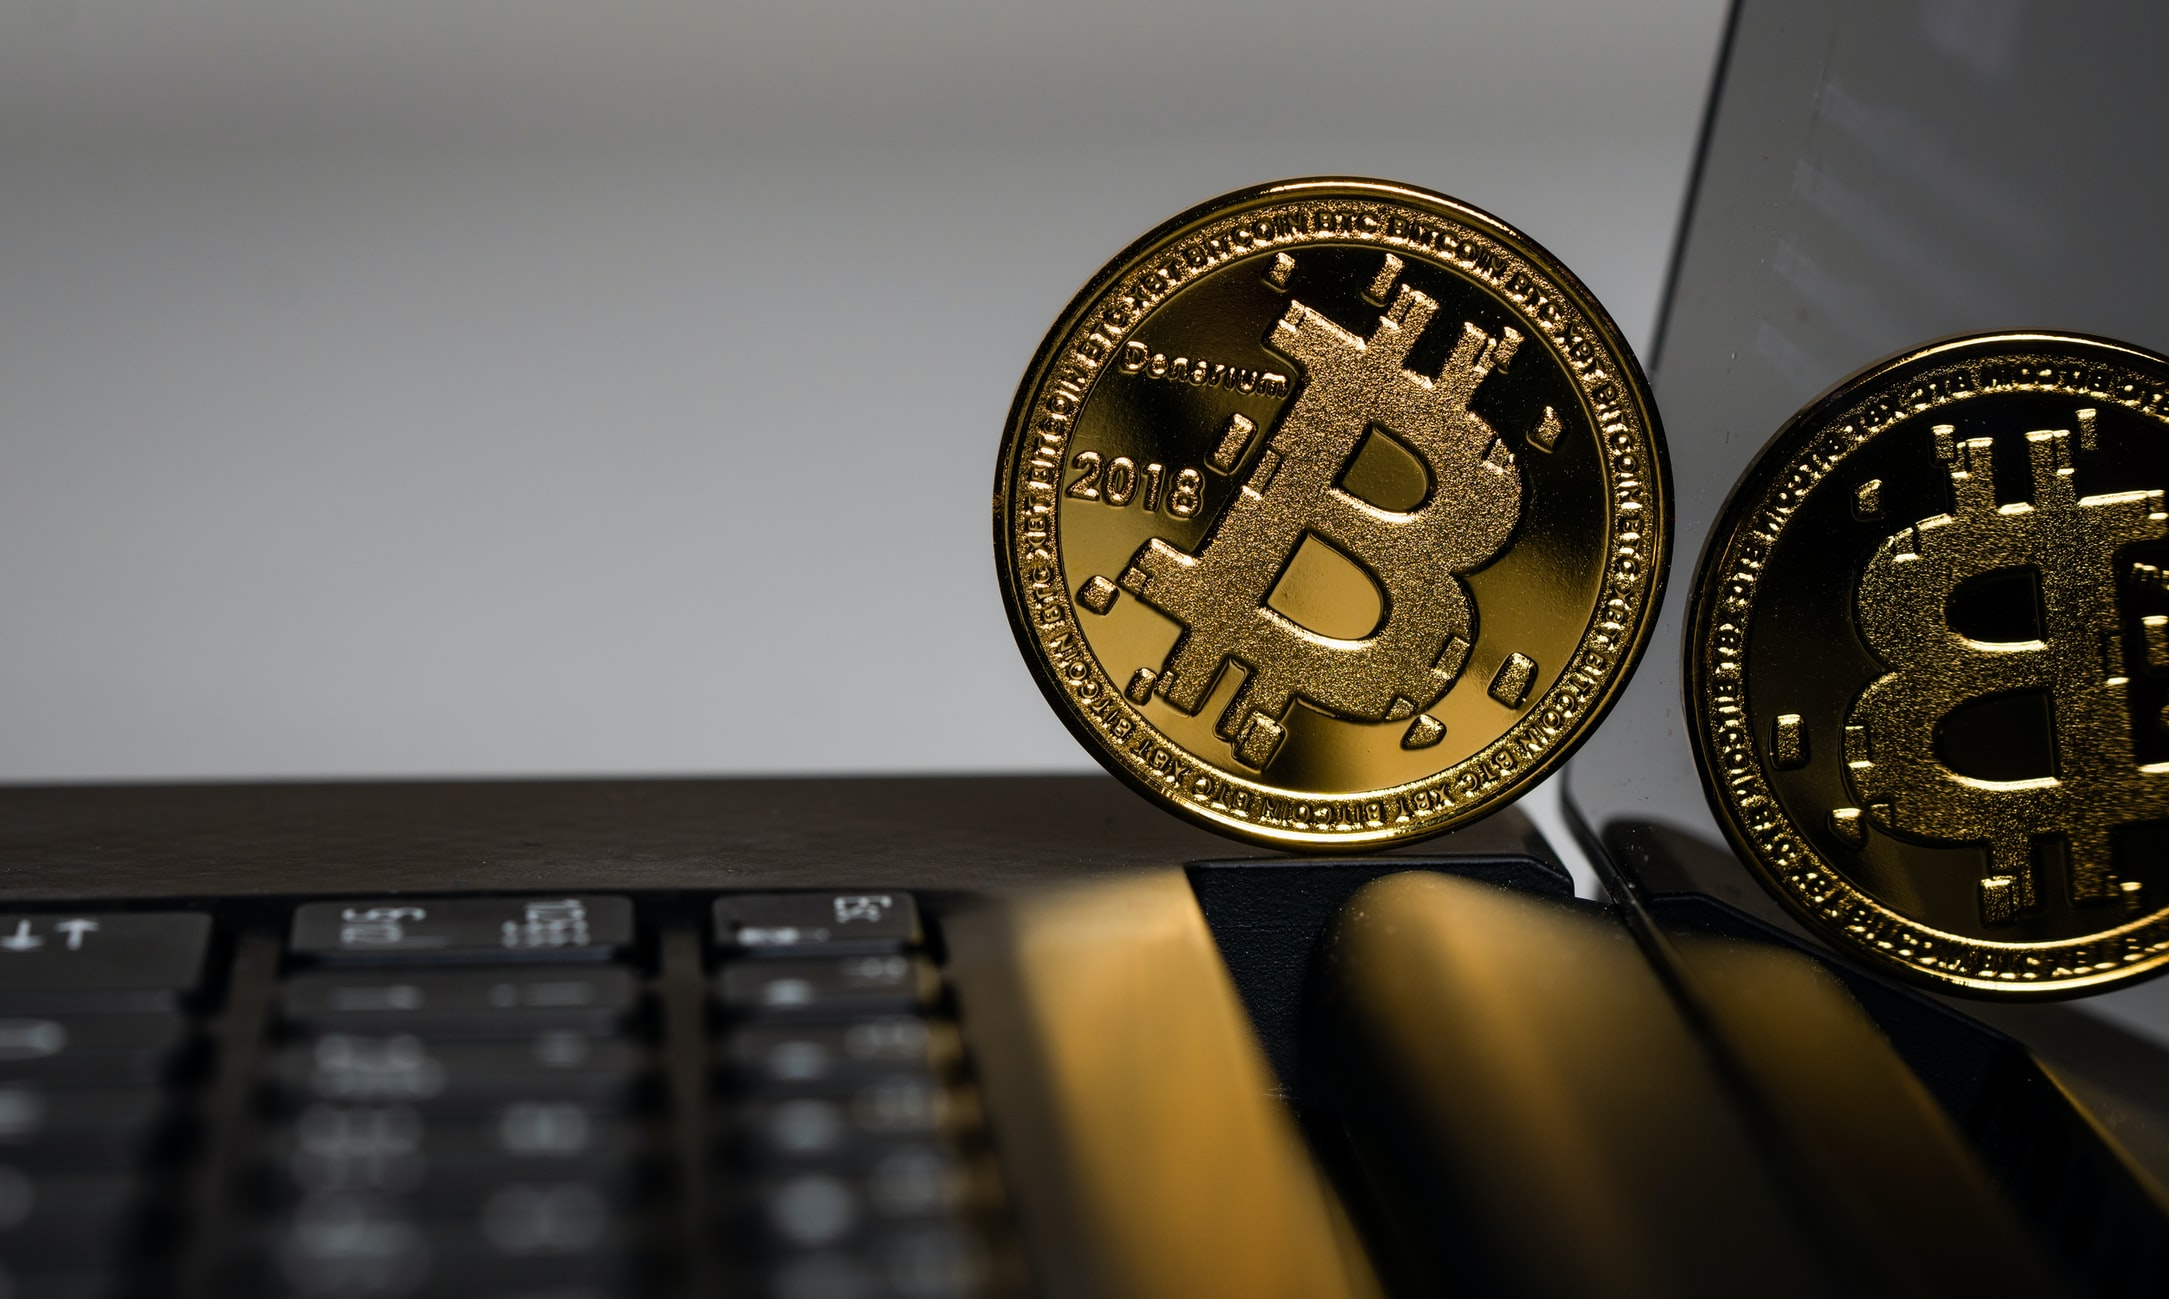 Le prix du bitcoin (BTC) atteint 57 000 $ US, un niveau record sur 5 mois